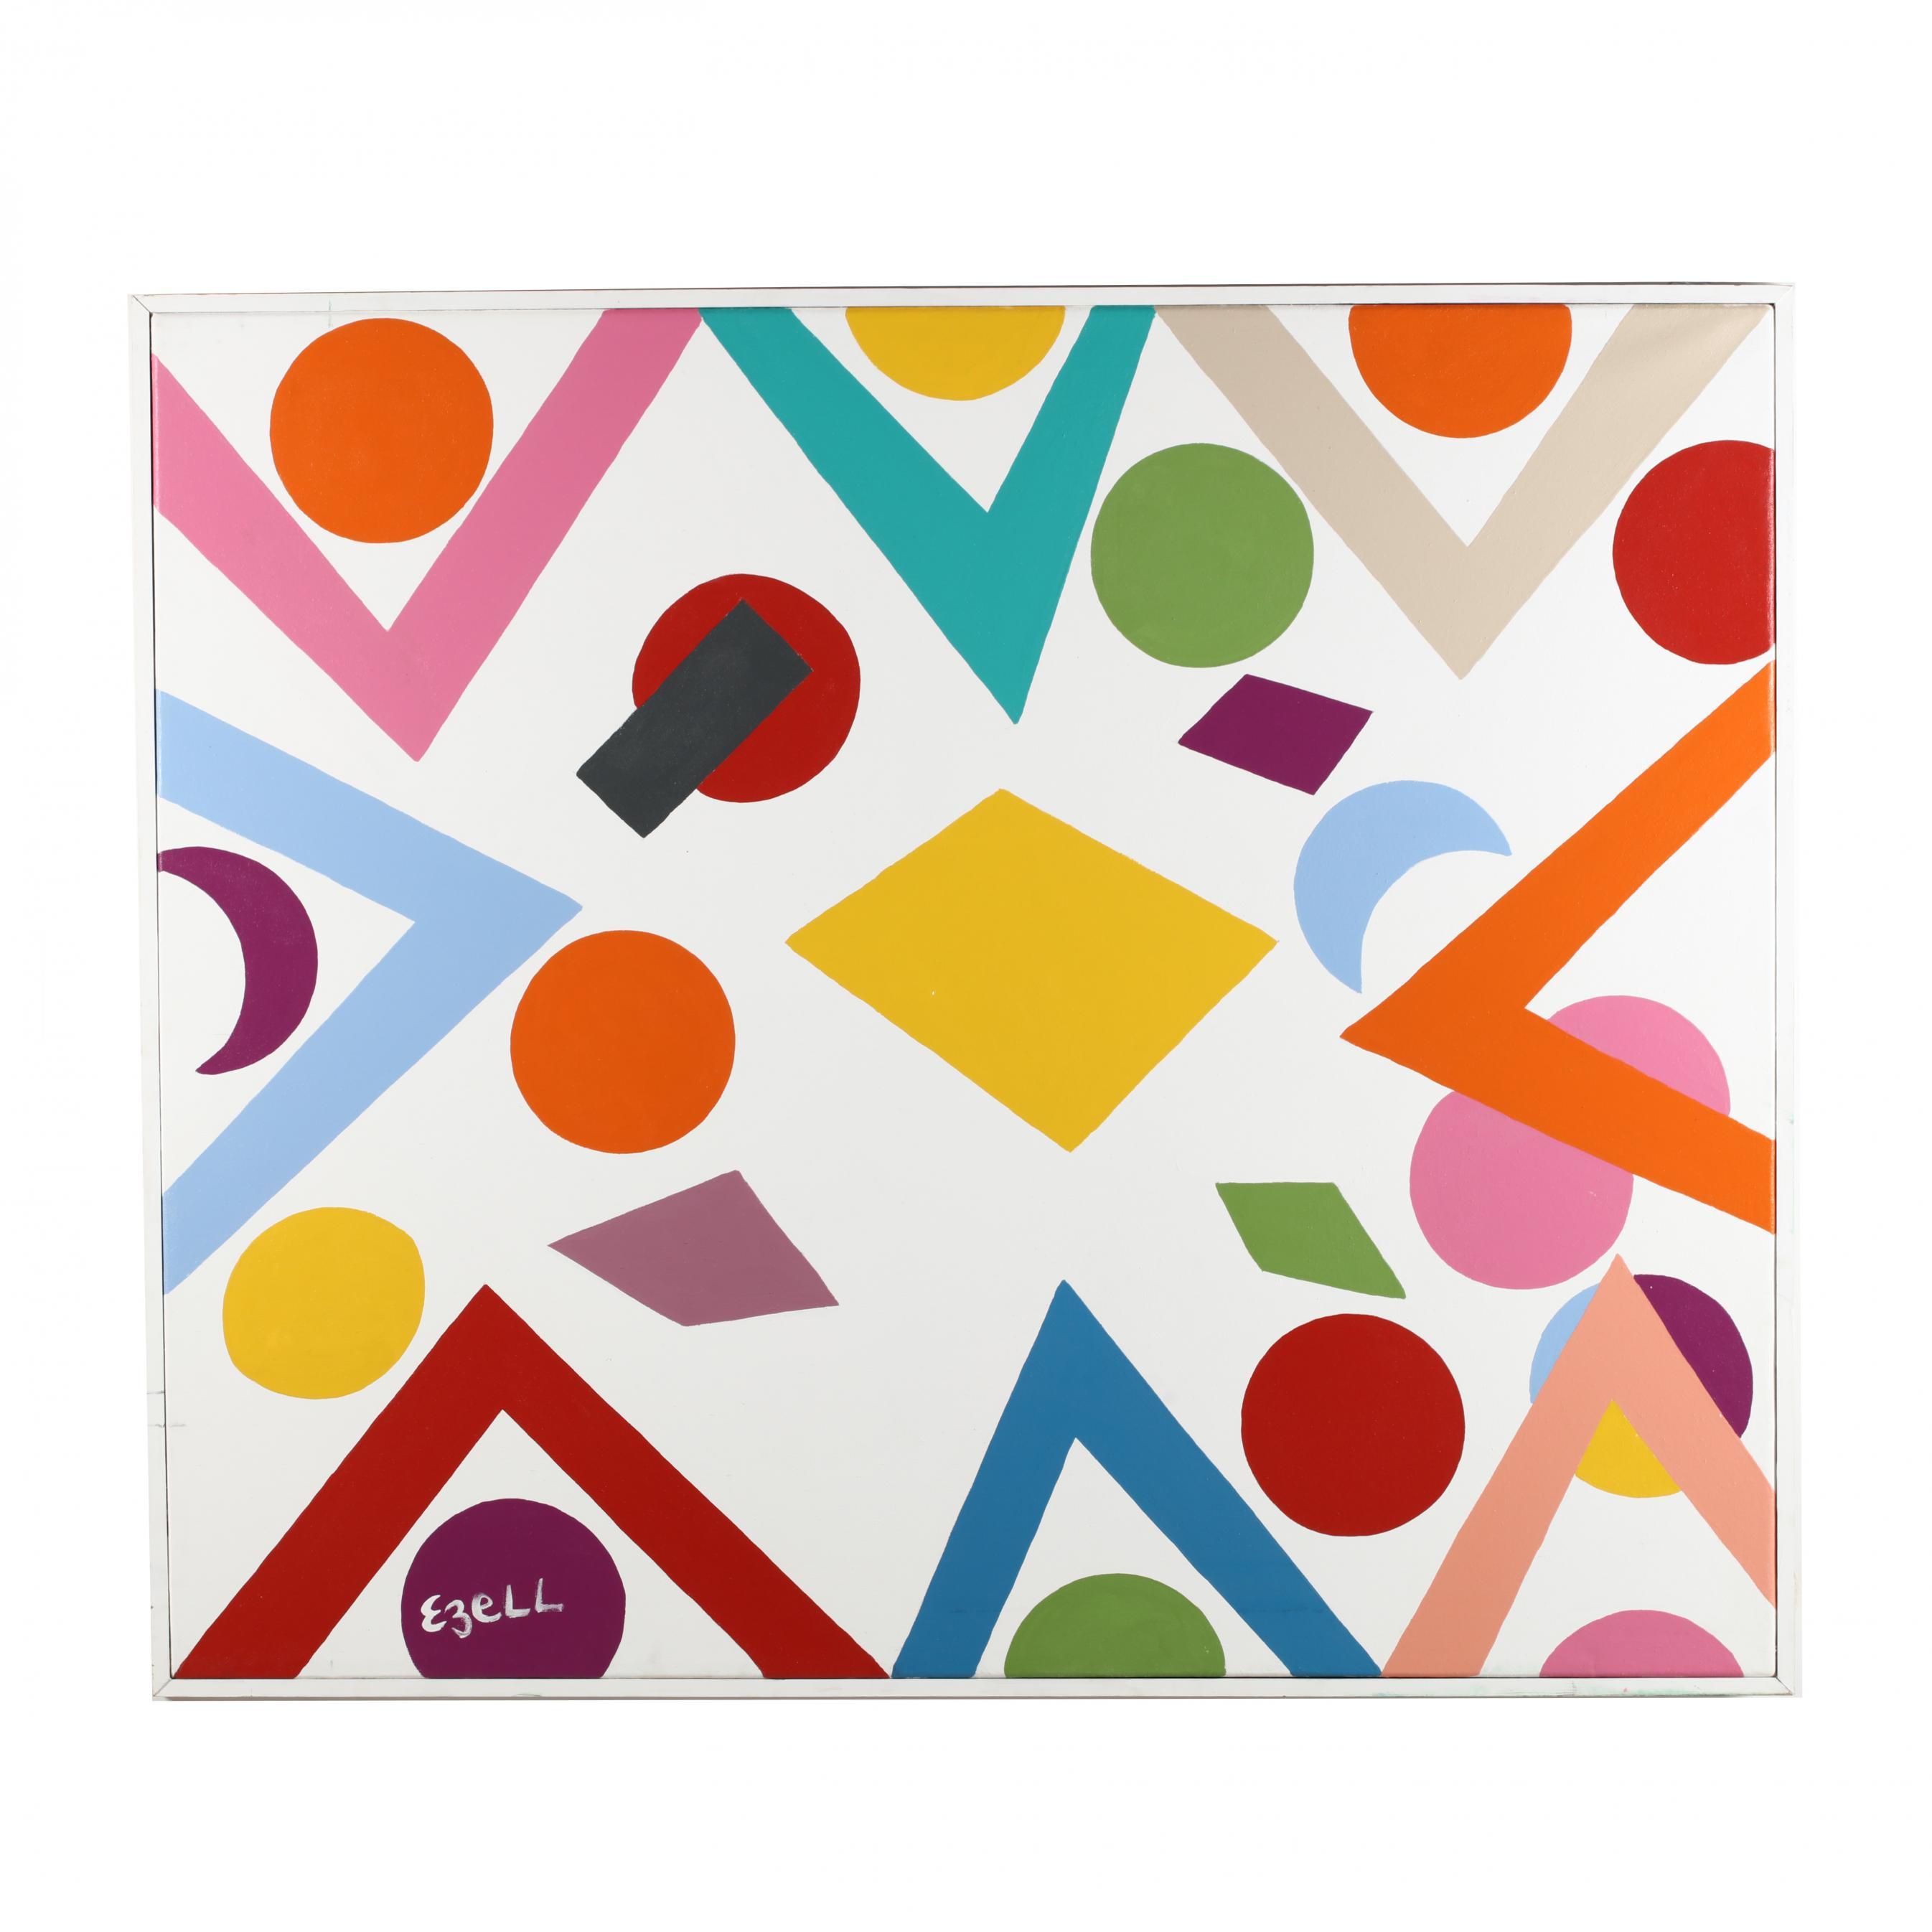 sam-ezell-nc-large-dot-painting